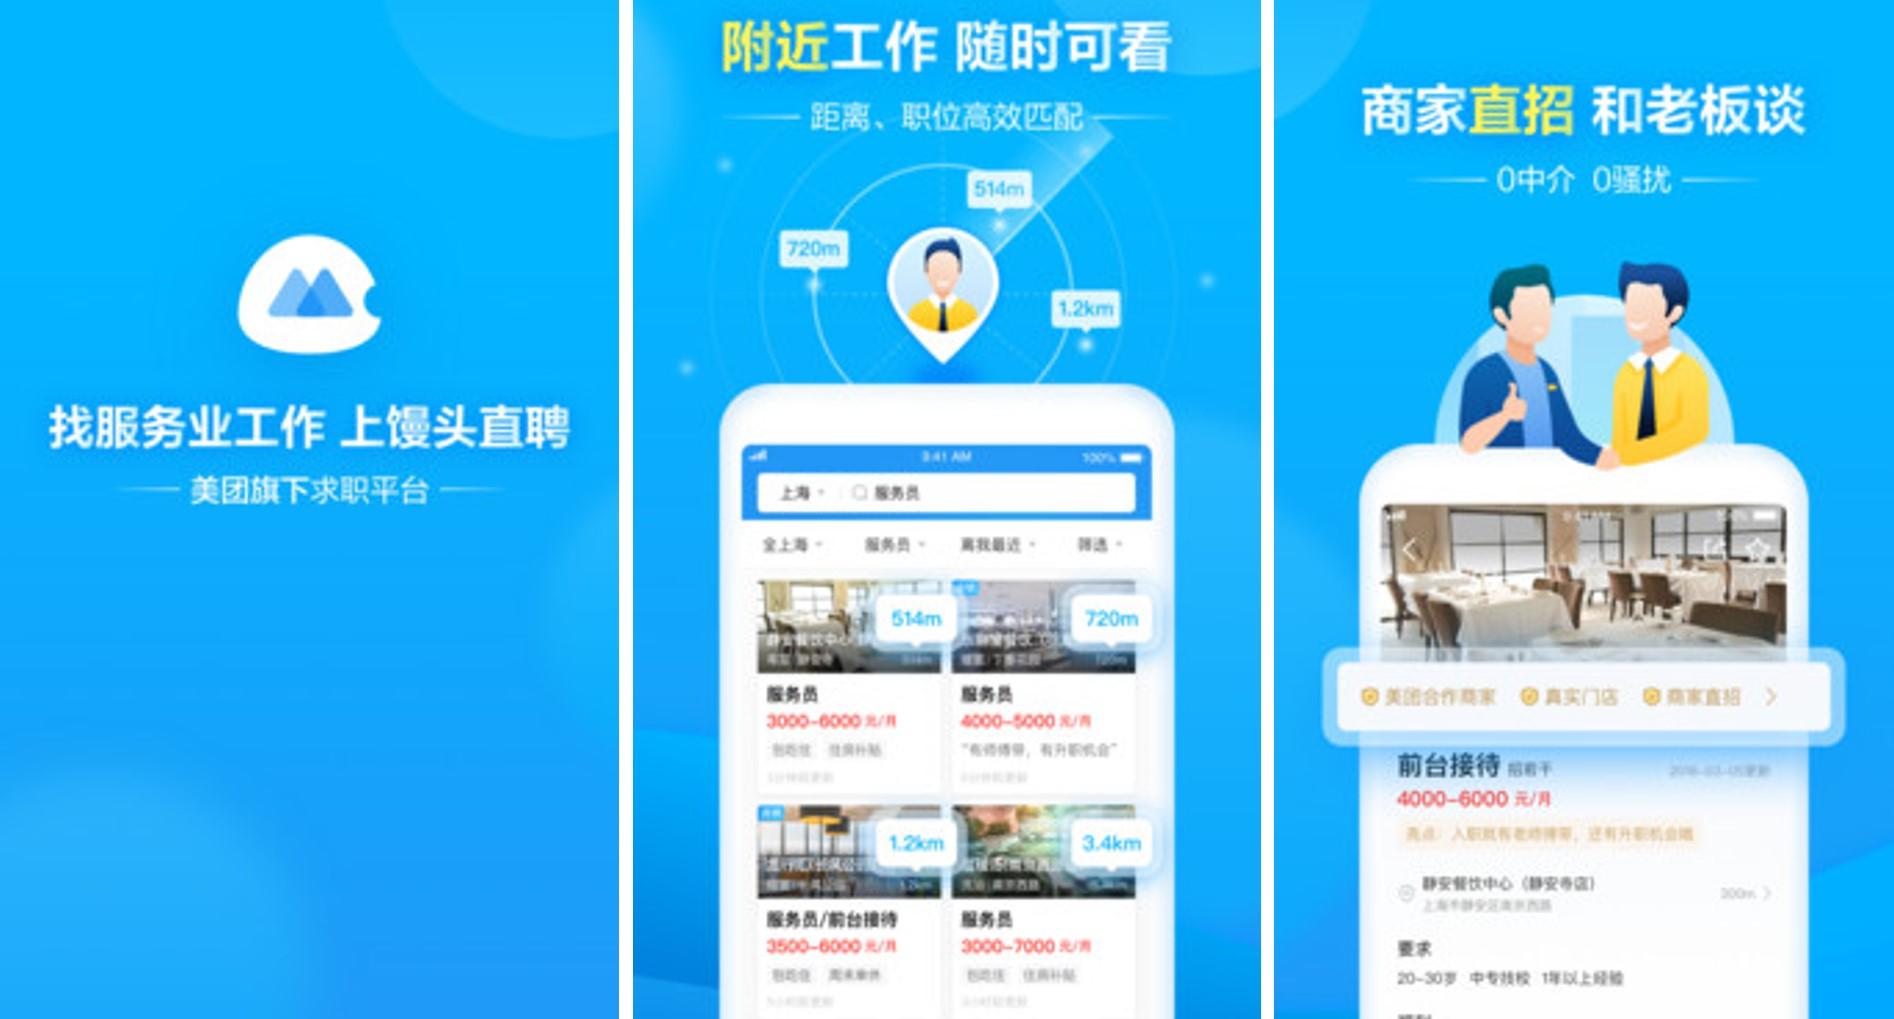 [중국 비즈니스 트렌드 & 동향] 텐센트, 올해 모바일 신용카드 서비스 내놓는다